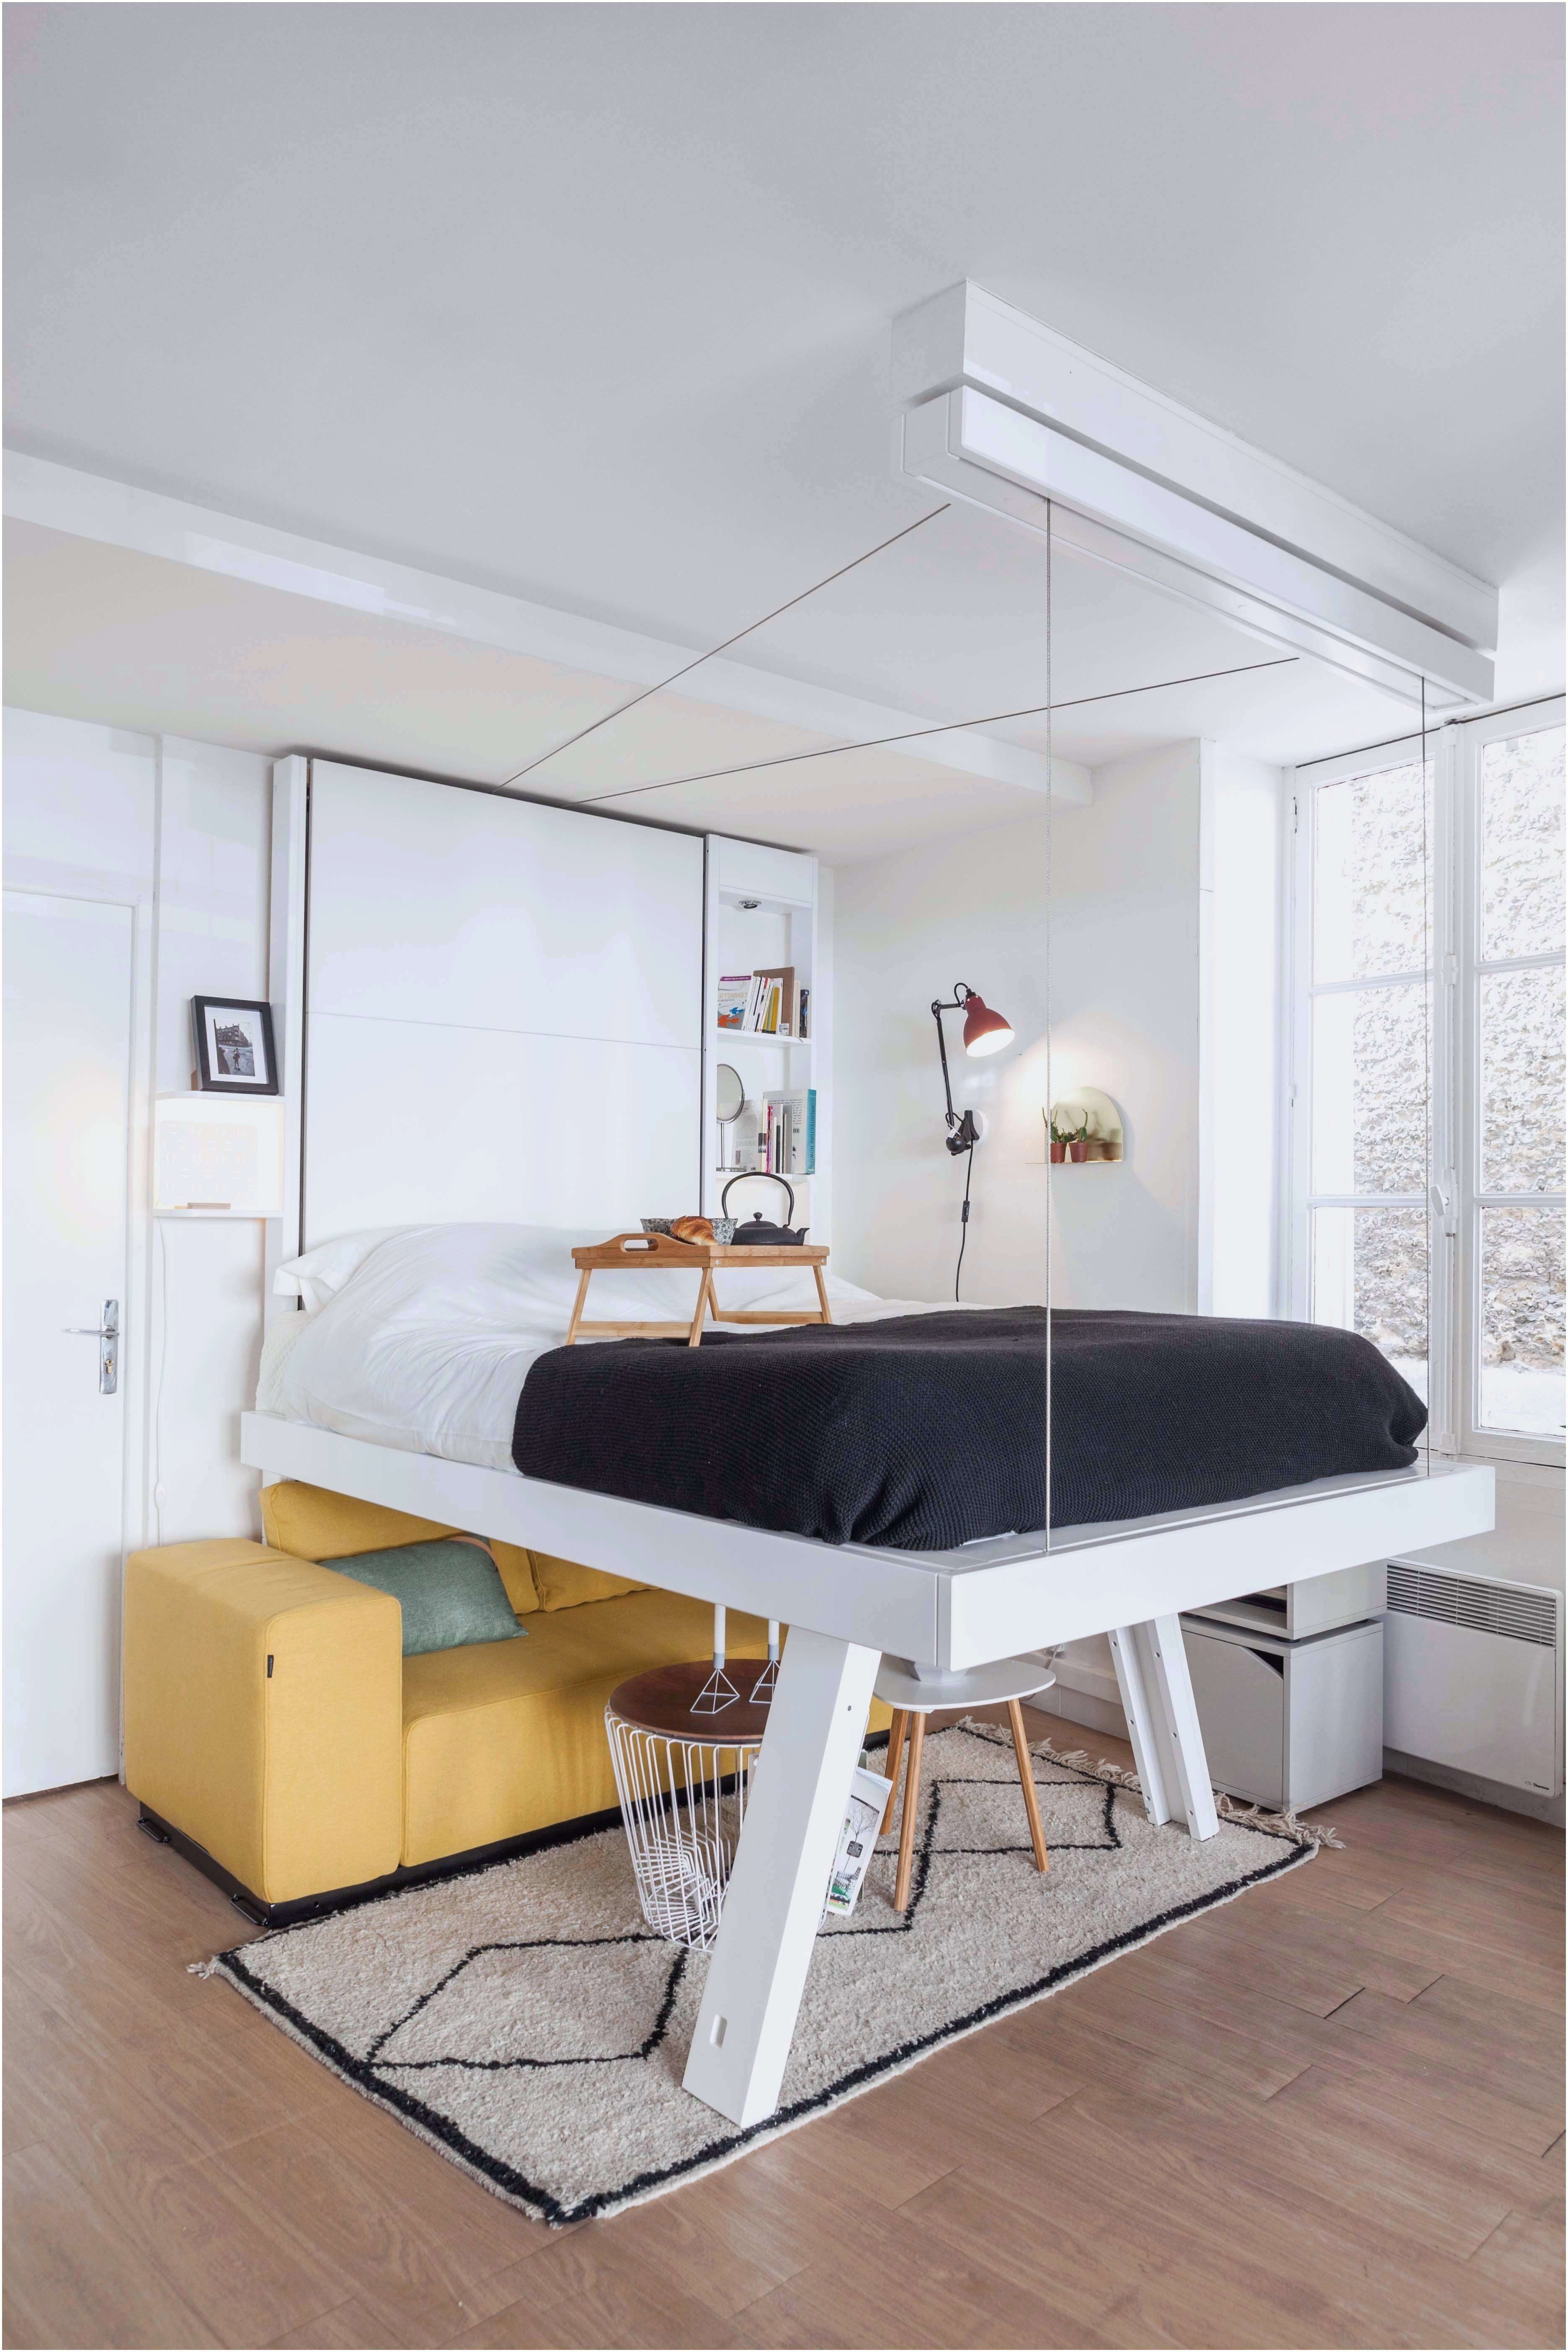 Lit Mezzanine Pas Cher De Luxe Inspiré 46 élégants Lit Mezzanine Bois Bureau Pour Choix Mezzanine